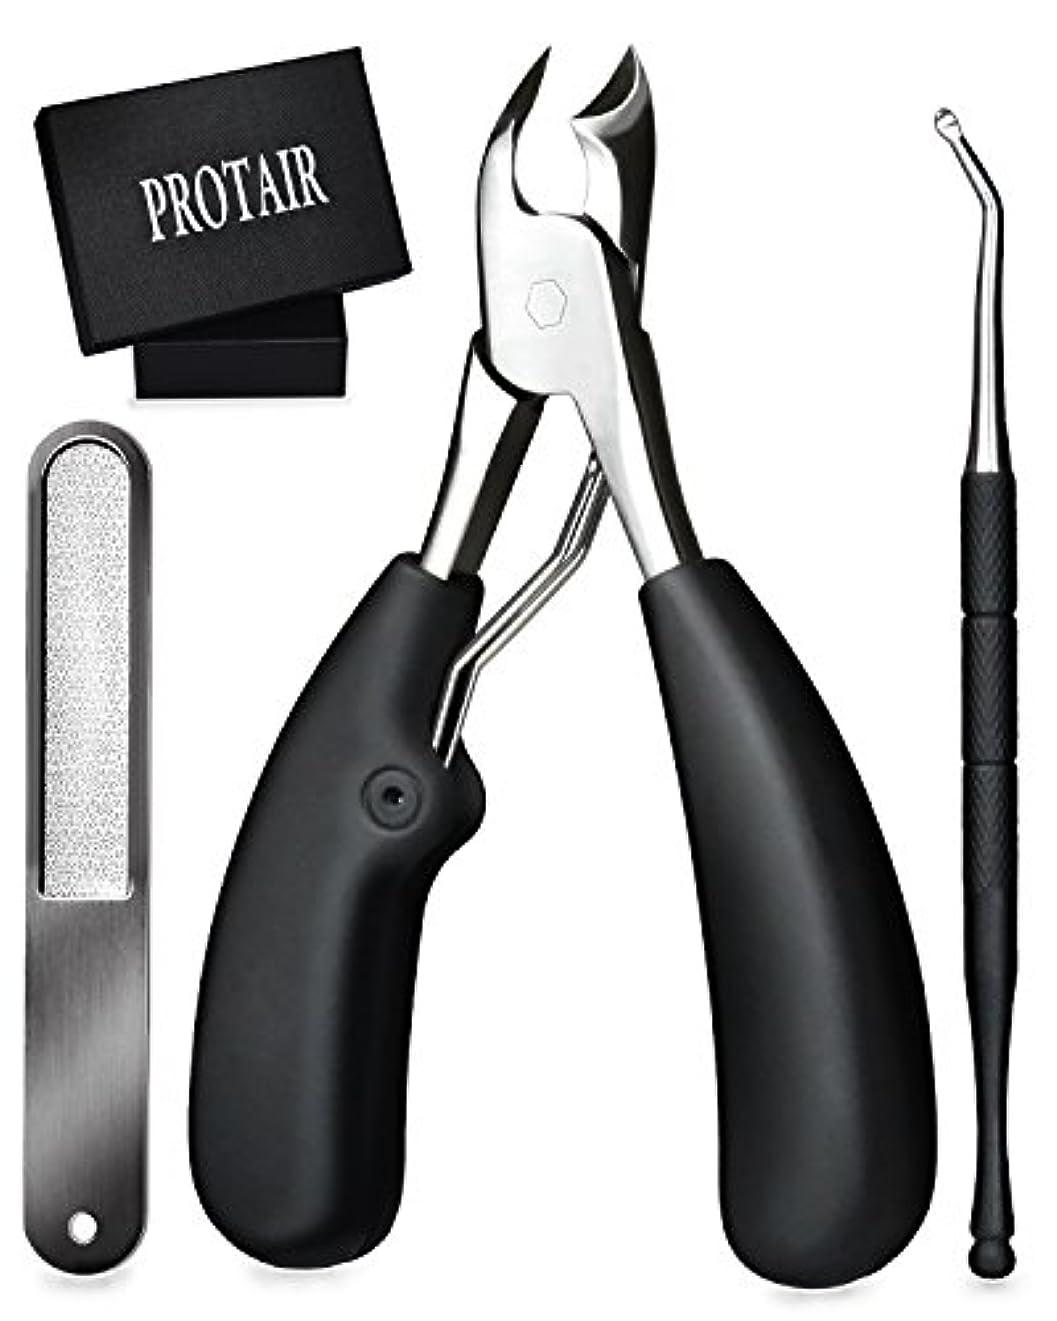 ファランクス応じるちょうつがいPROTAIR 爪切り ニッパー 巻き爪 硬い爪などにも対応、ゾンデと爪やすり付き